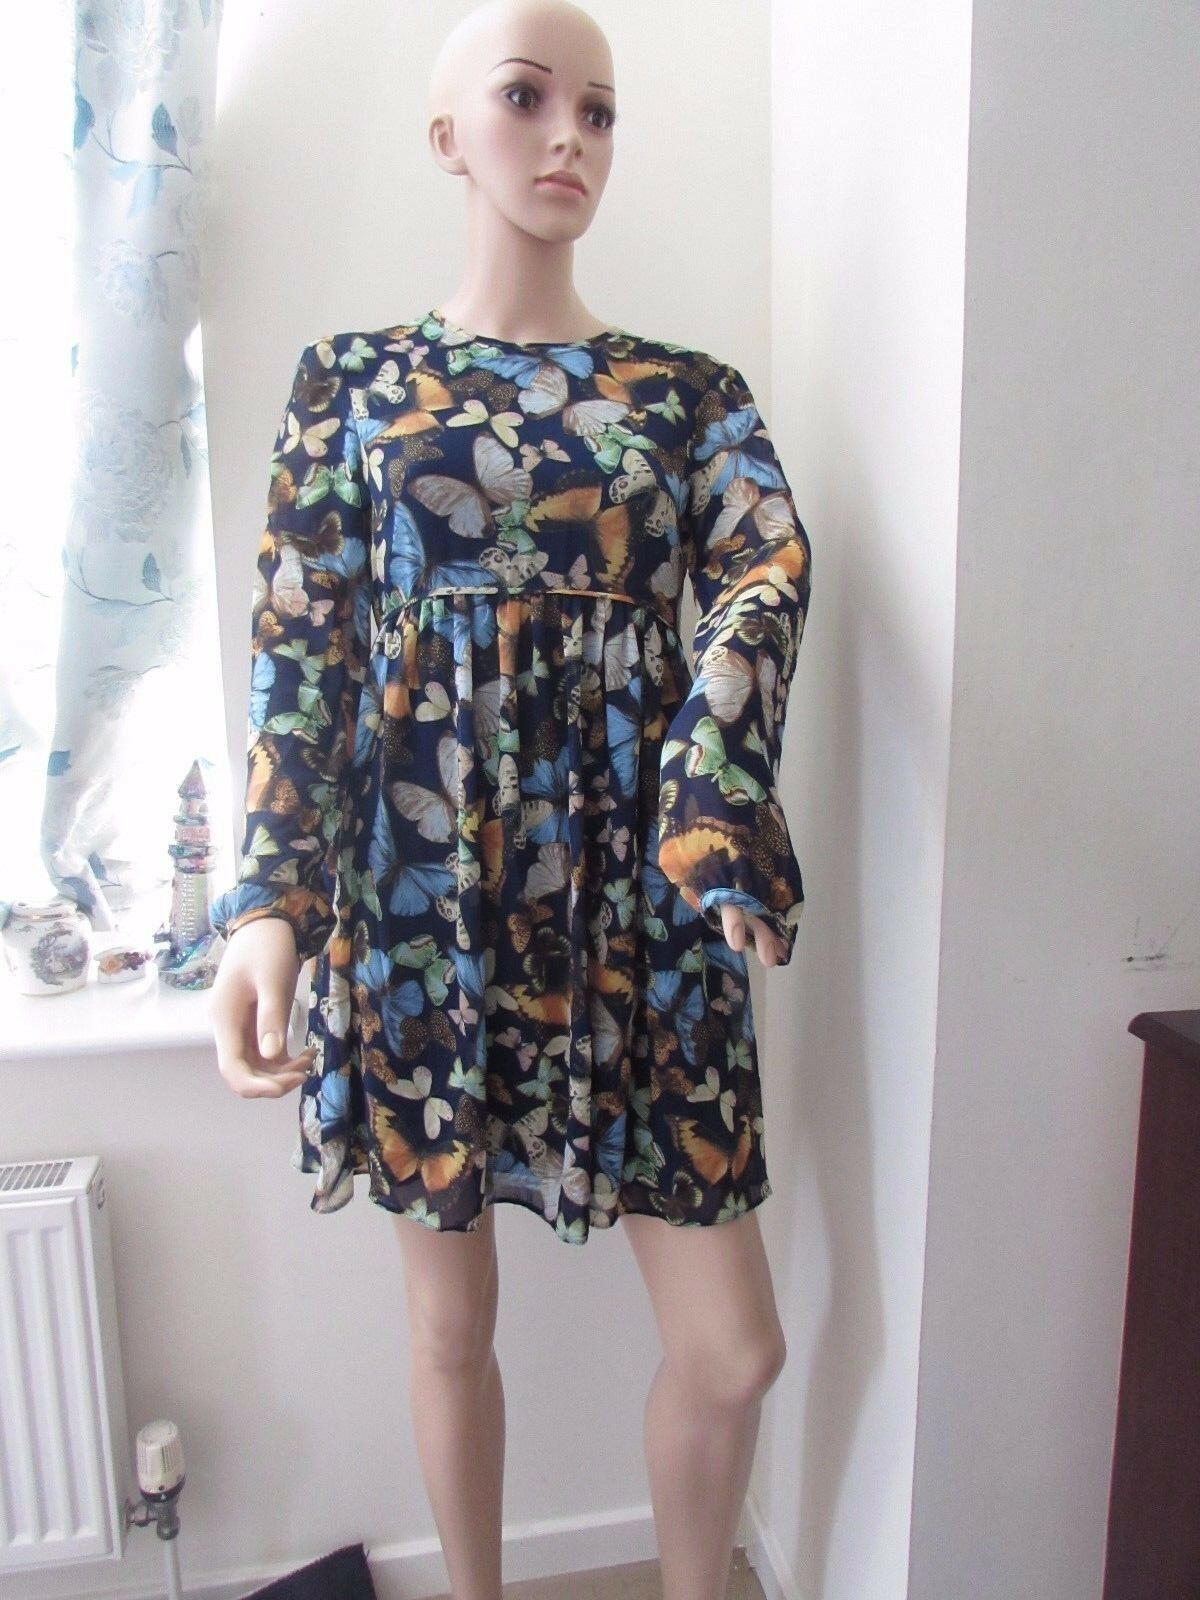 ASOS Swing Dress Butterfly Print Sleeves    10   12  Navy Multi | Qualitätskönigin  | Ein Gleichgewicht zwischen Zähigkeit und Härte  | Verschiedene Stile und Stile  93b587